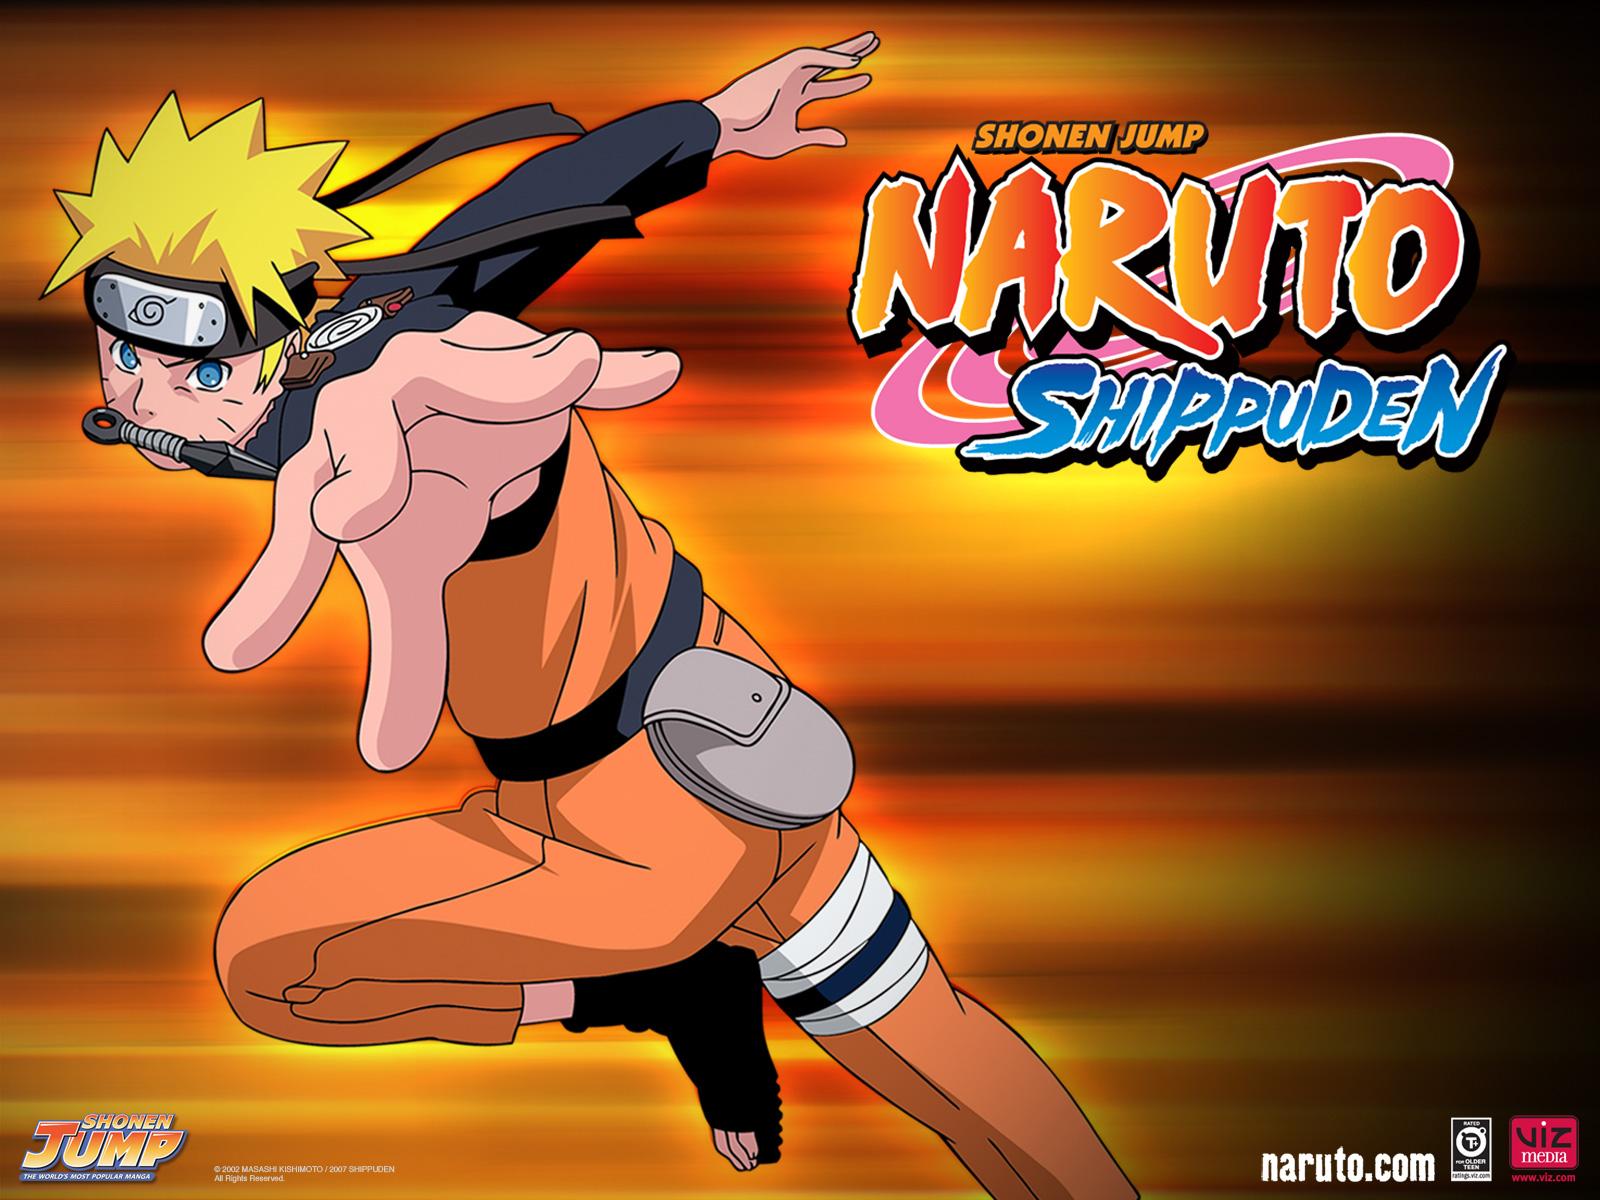 Naruto Shippuden - Toonami Wiki